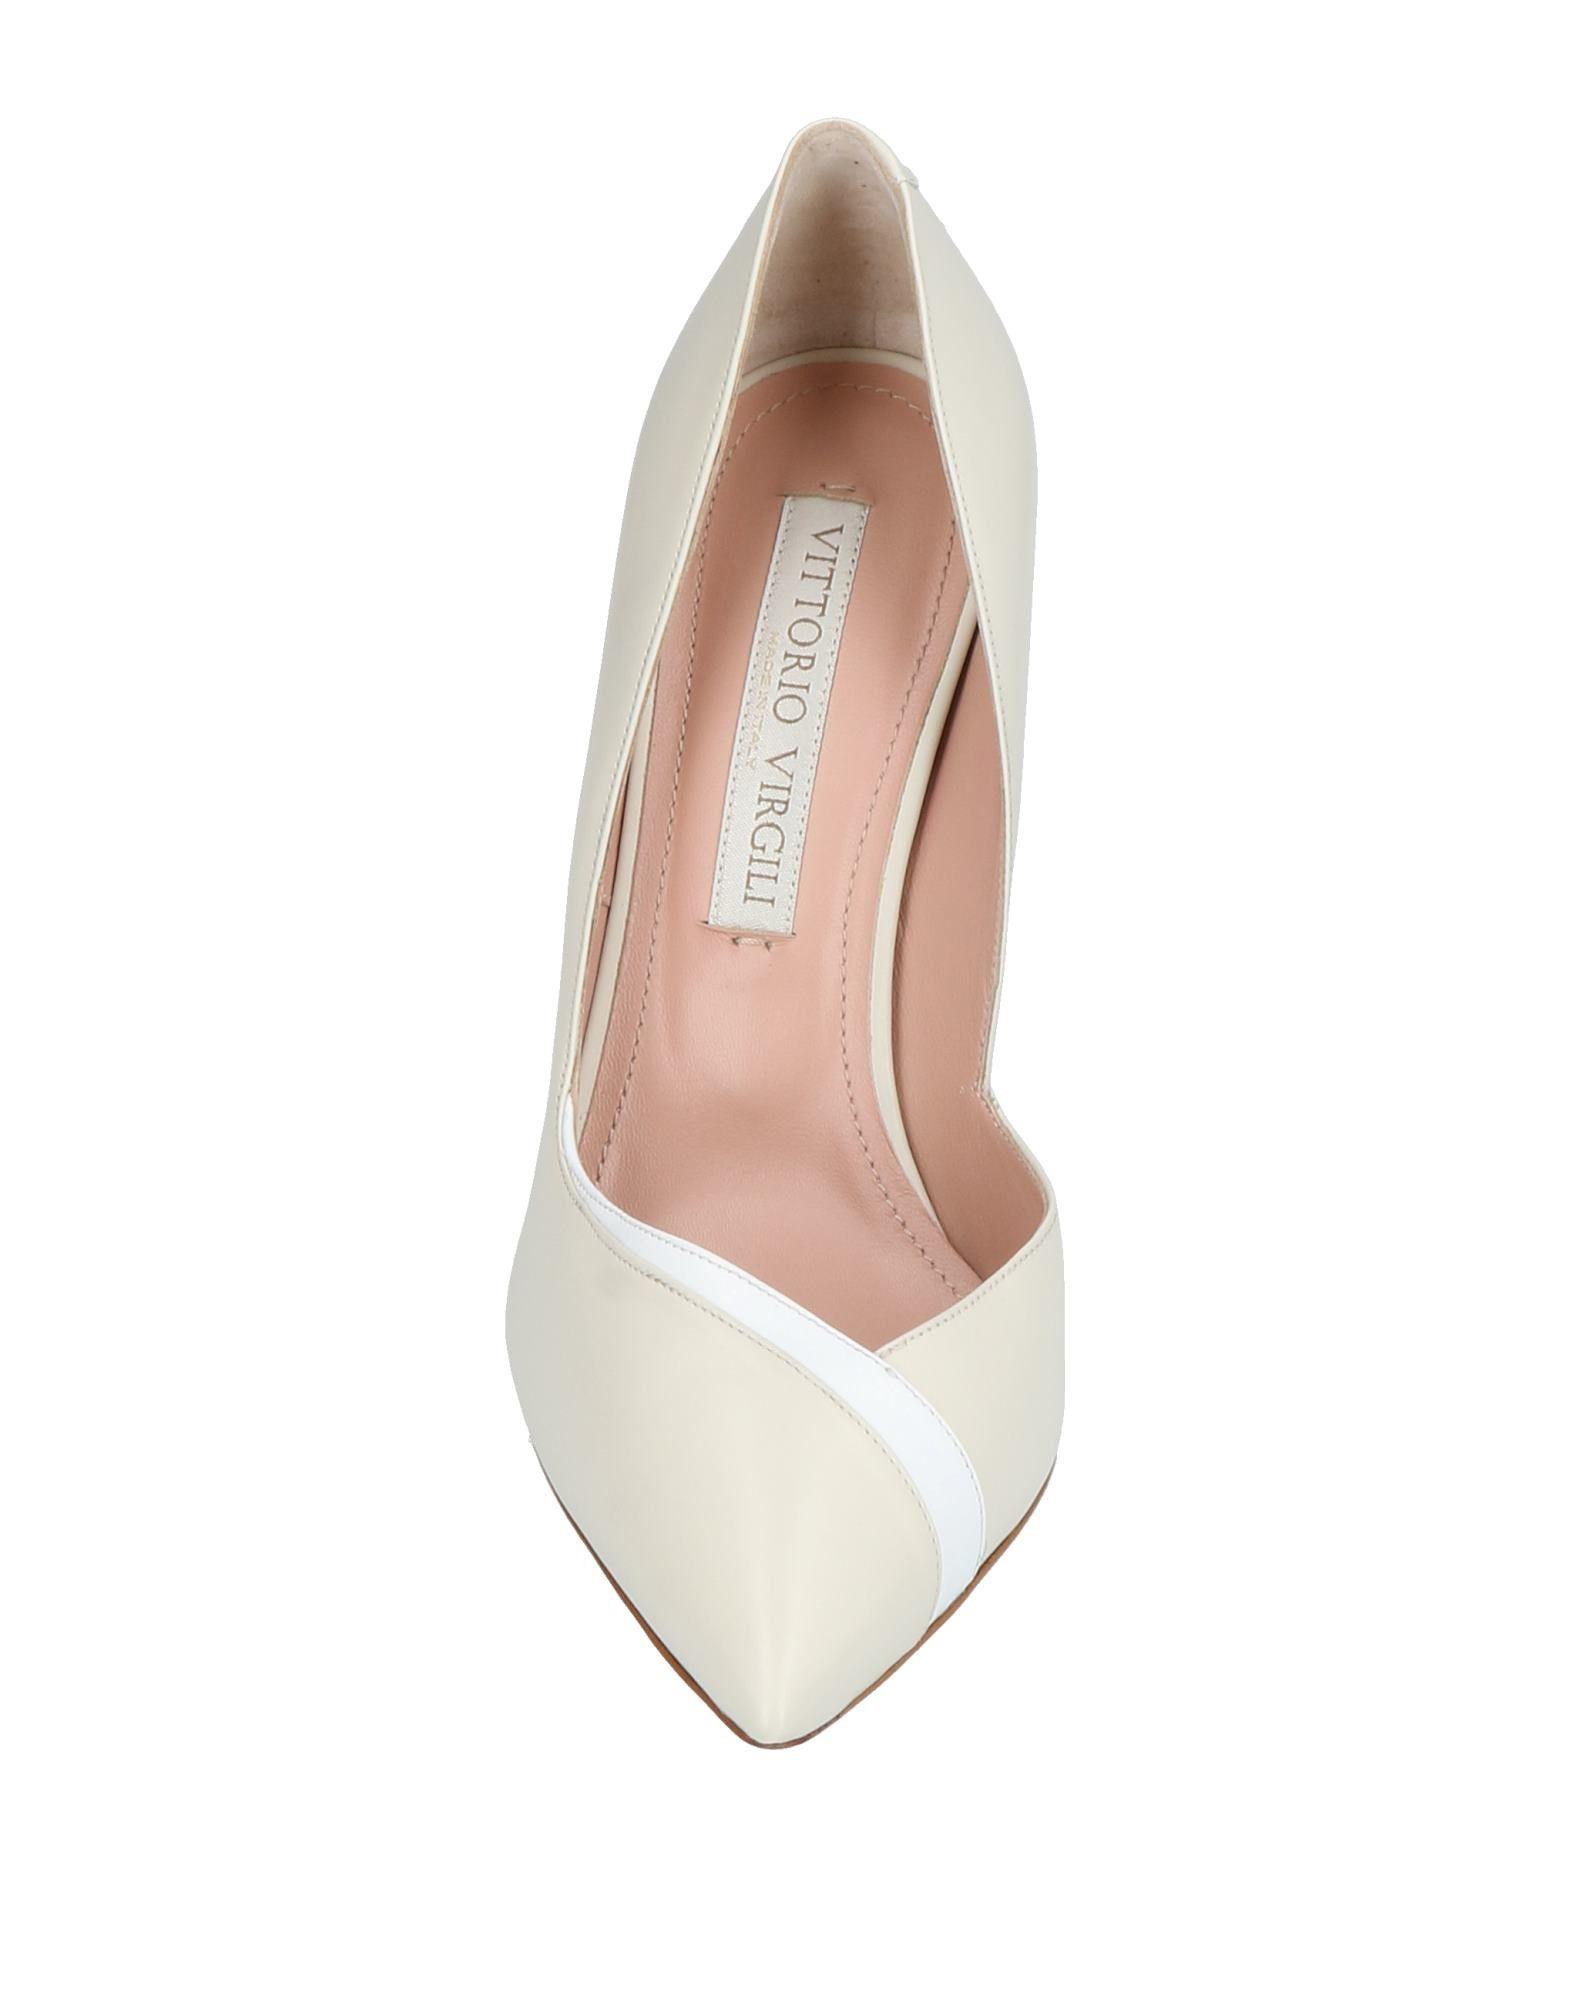 Gut Virgili um billige Schuhe zu tragenVittorio Virgili Gut Pumps Damen  11427100VQ 5f8b31